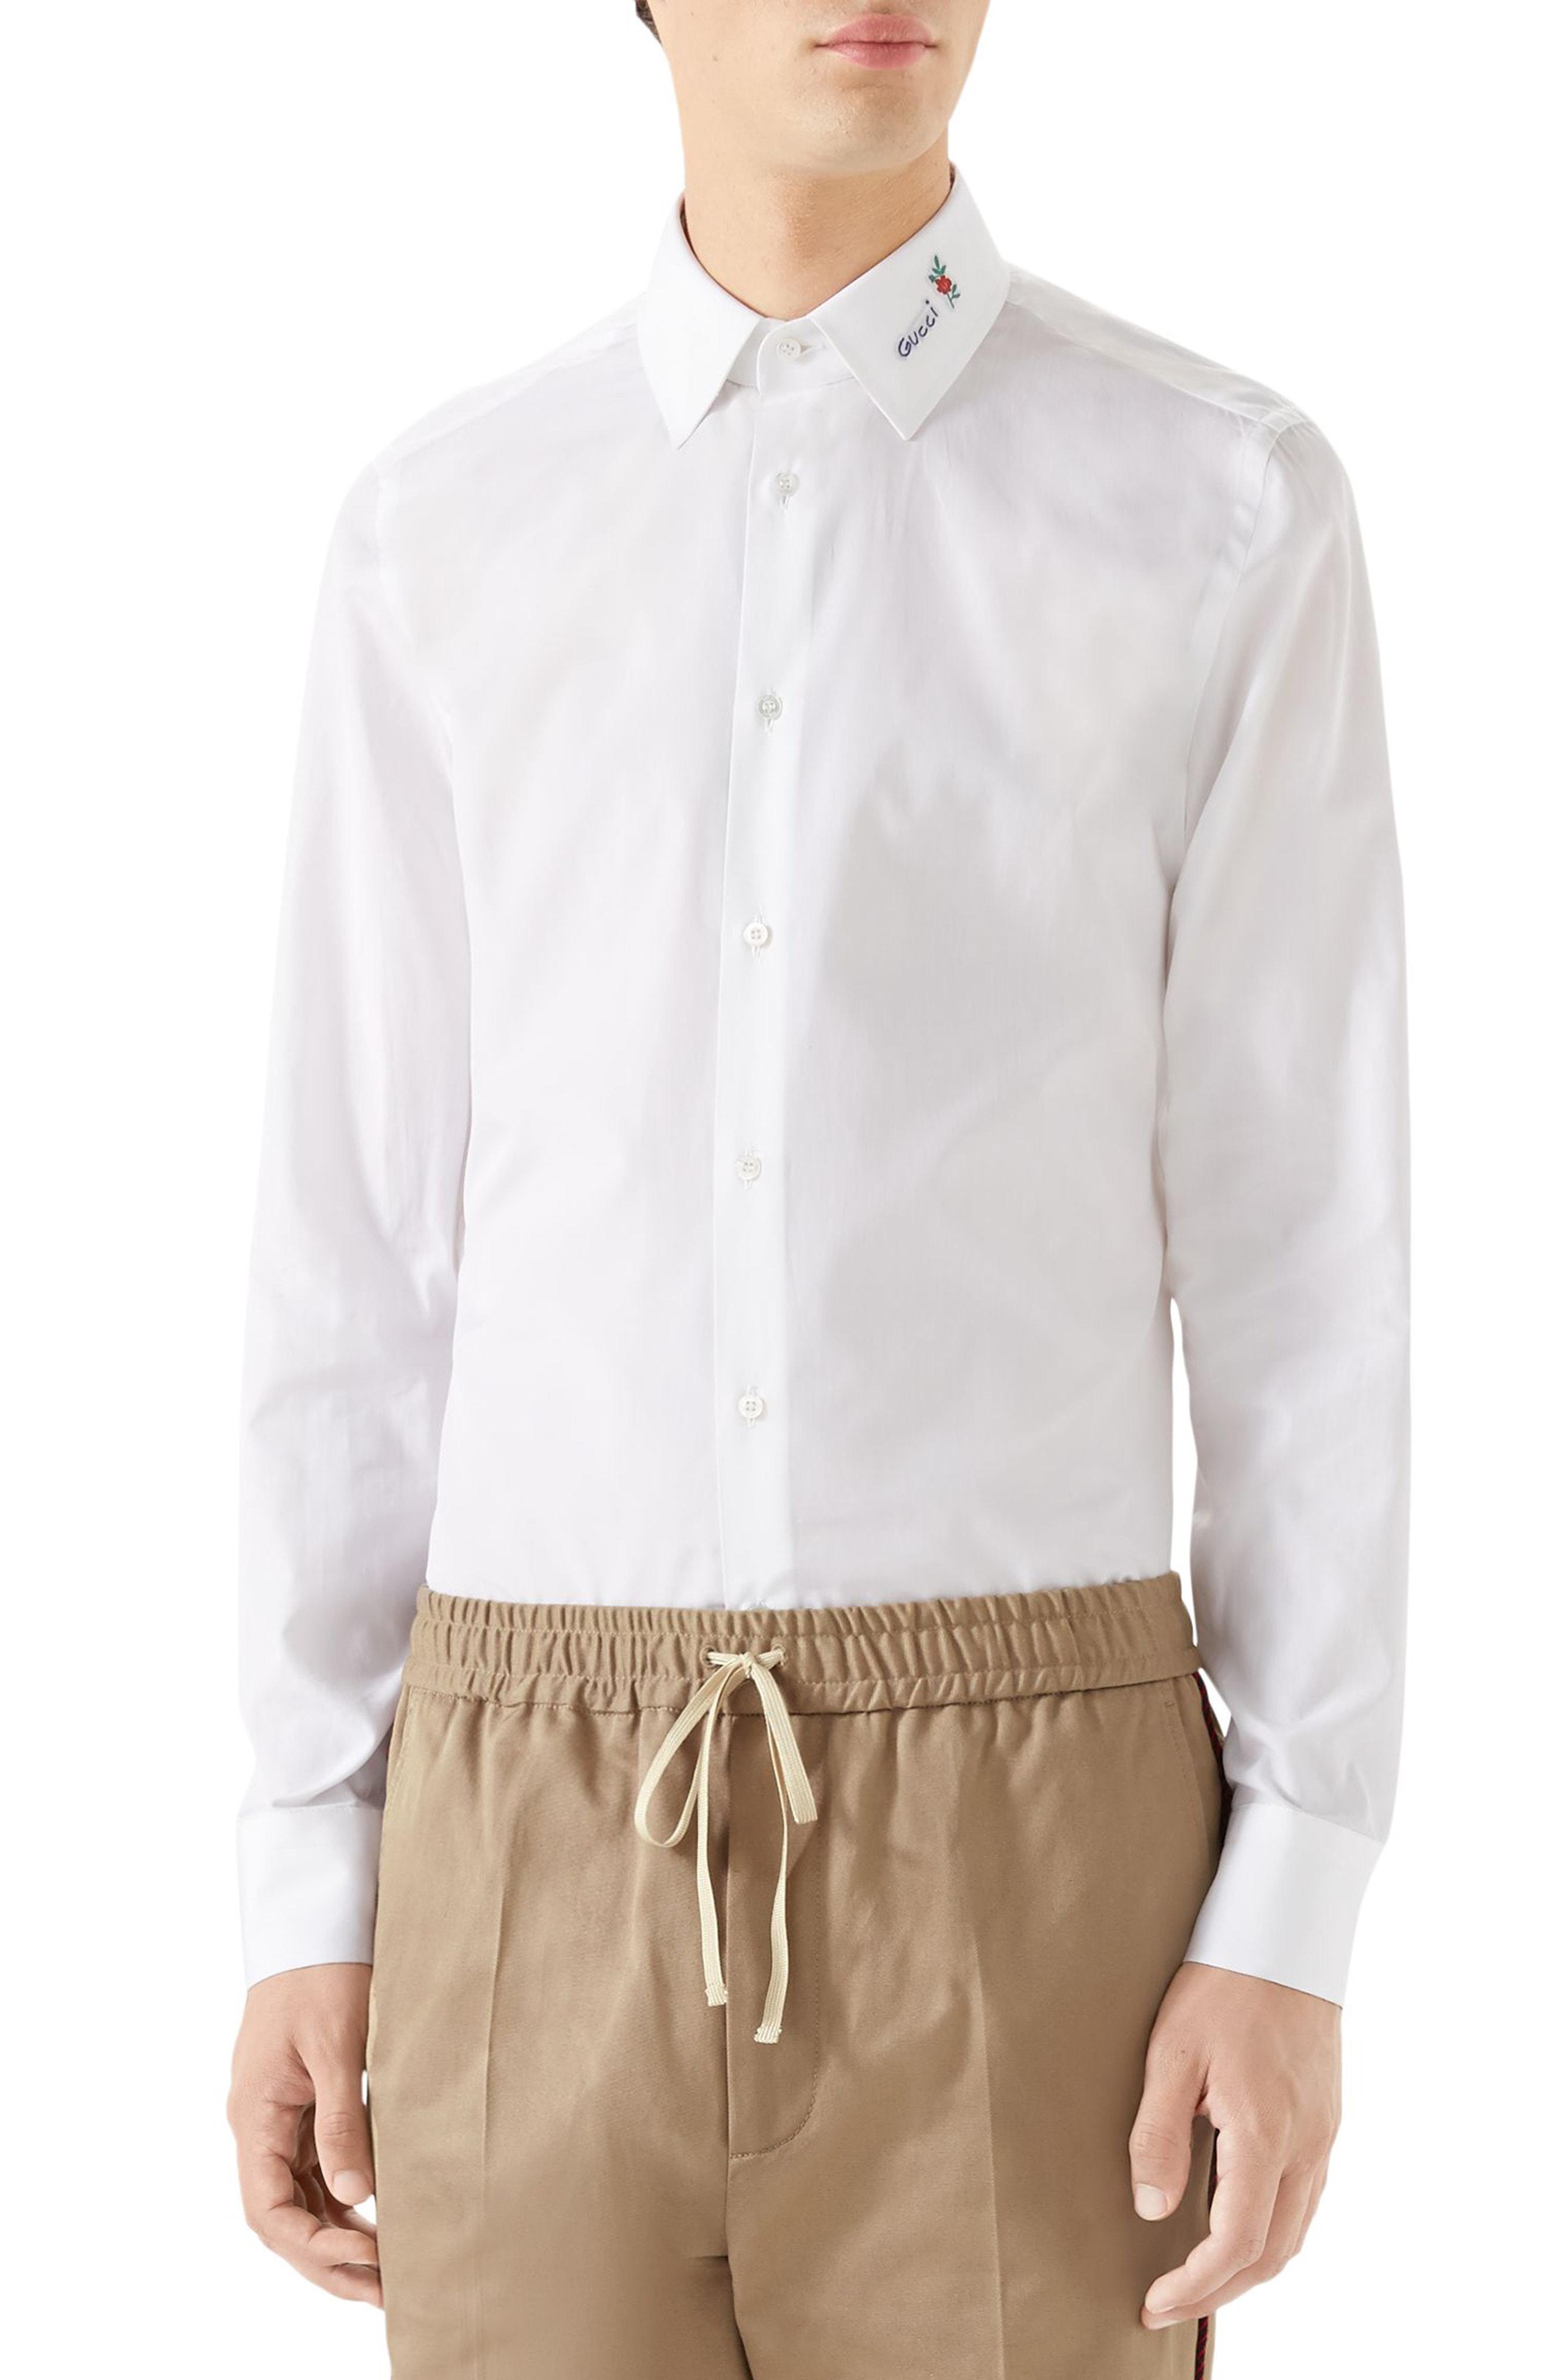 07d201da4cc Men gucci logo collar shirt size white the fashionisto jpg 2640x4048 Gucci  collar shirt